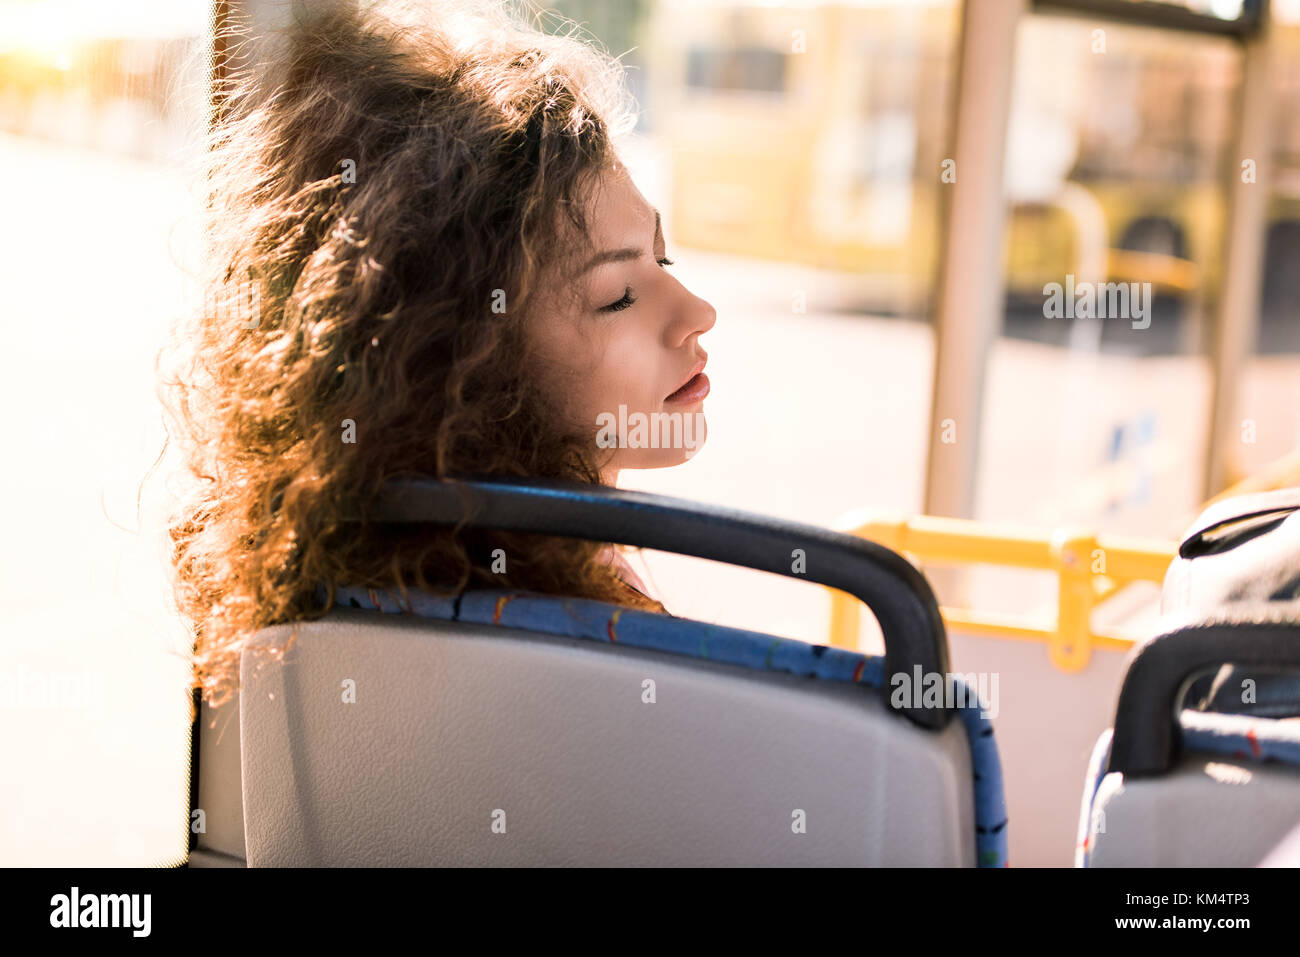 Ragazza dorme in bus Immagini Stock